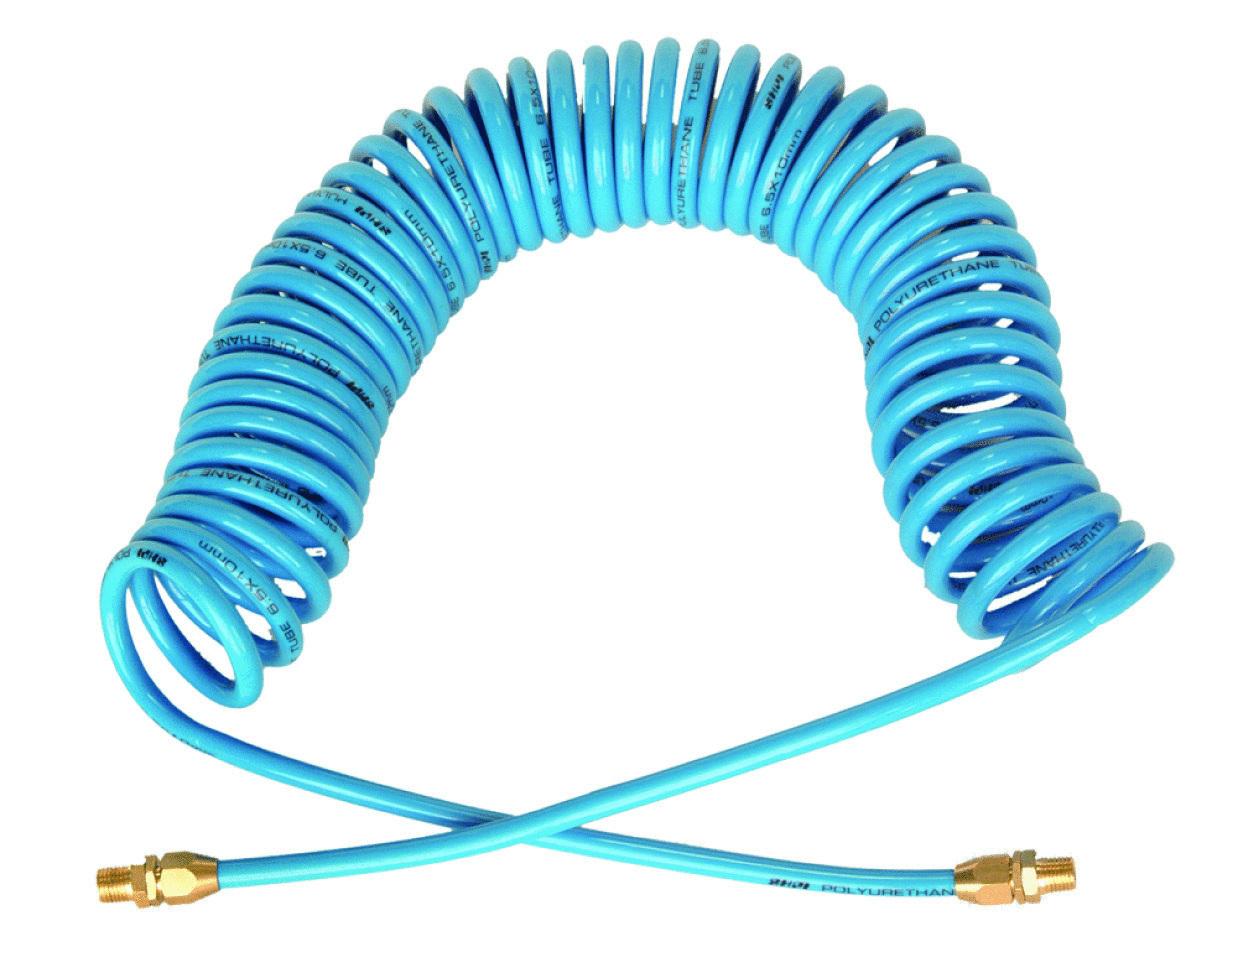 Manguera en espiral para aire comprimido KS Tools 515.3340 poliuretano, 10 mm